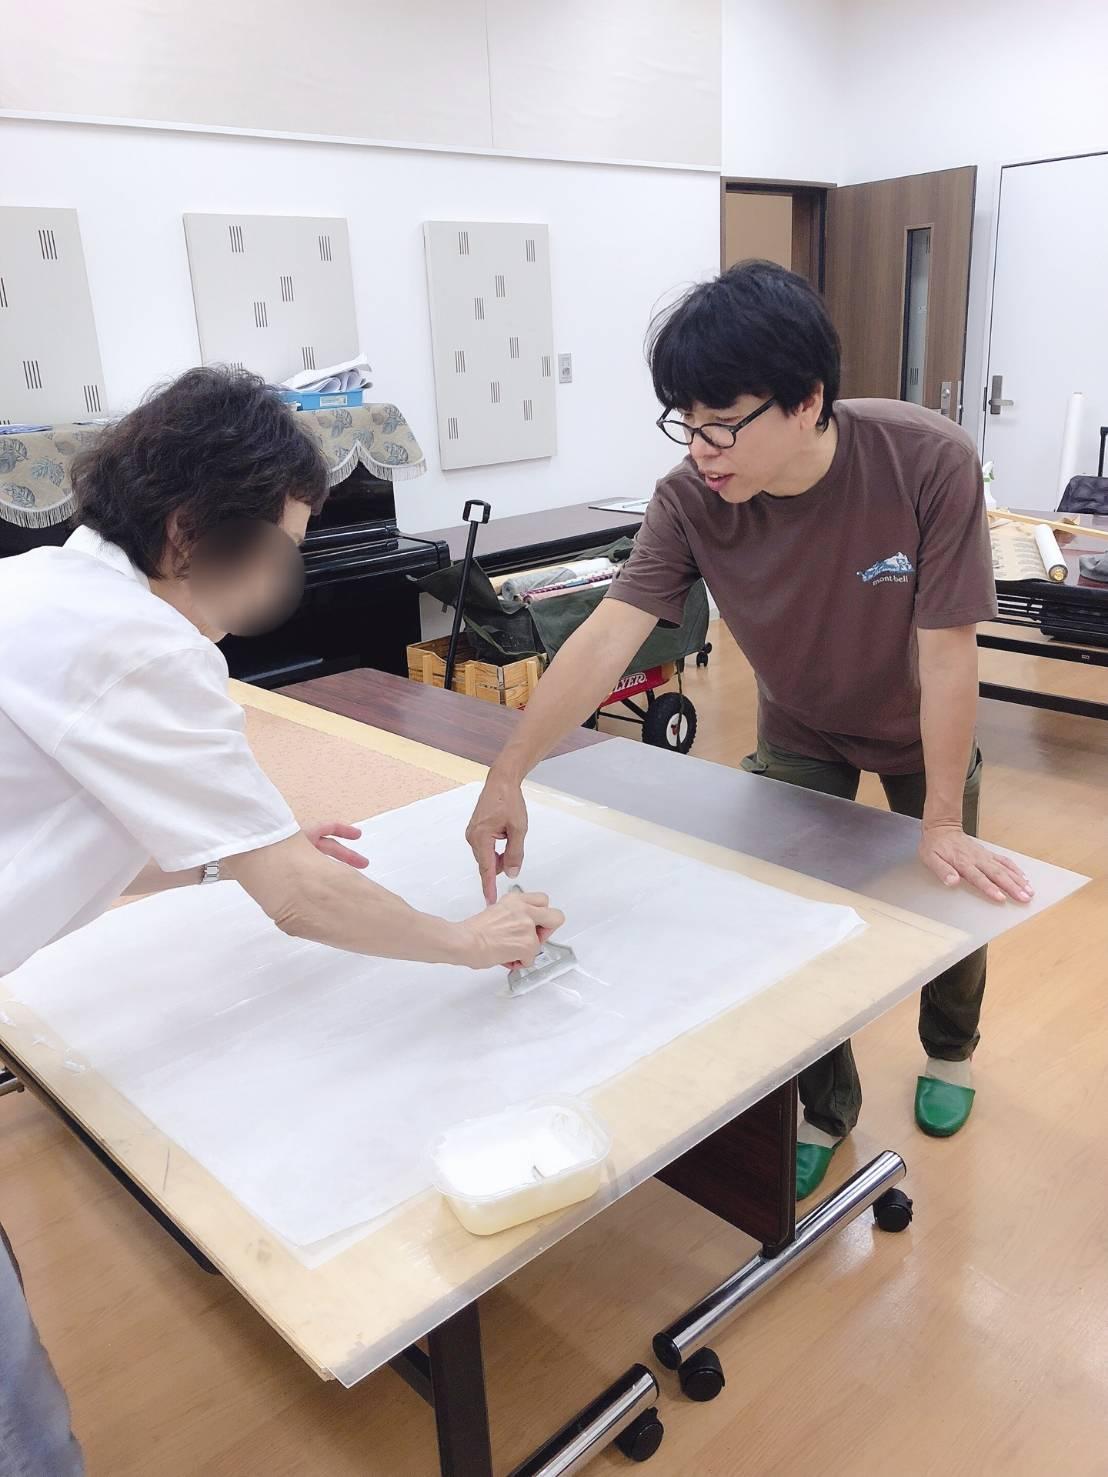 【三木校】通期:楽しい表装セミナー・日曜クラス 20/10/04~21/04/04